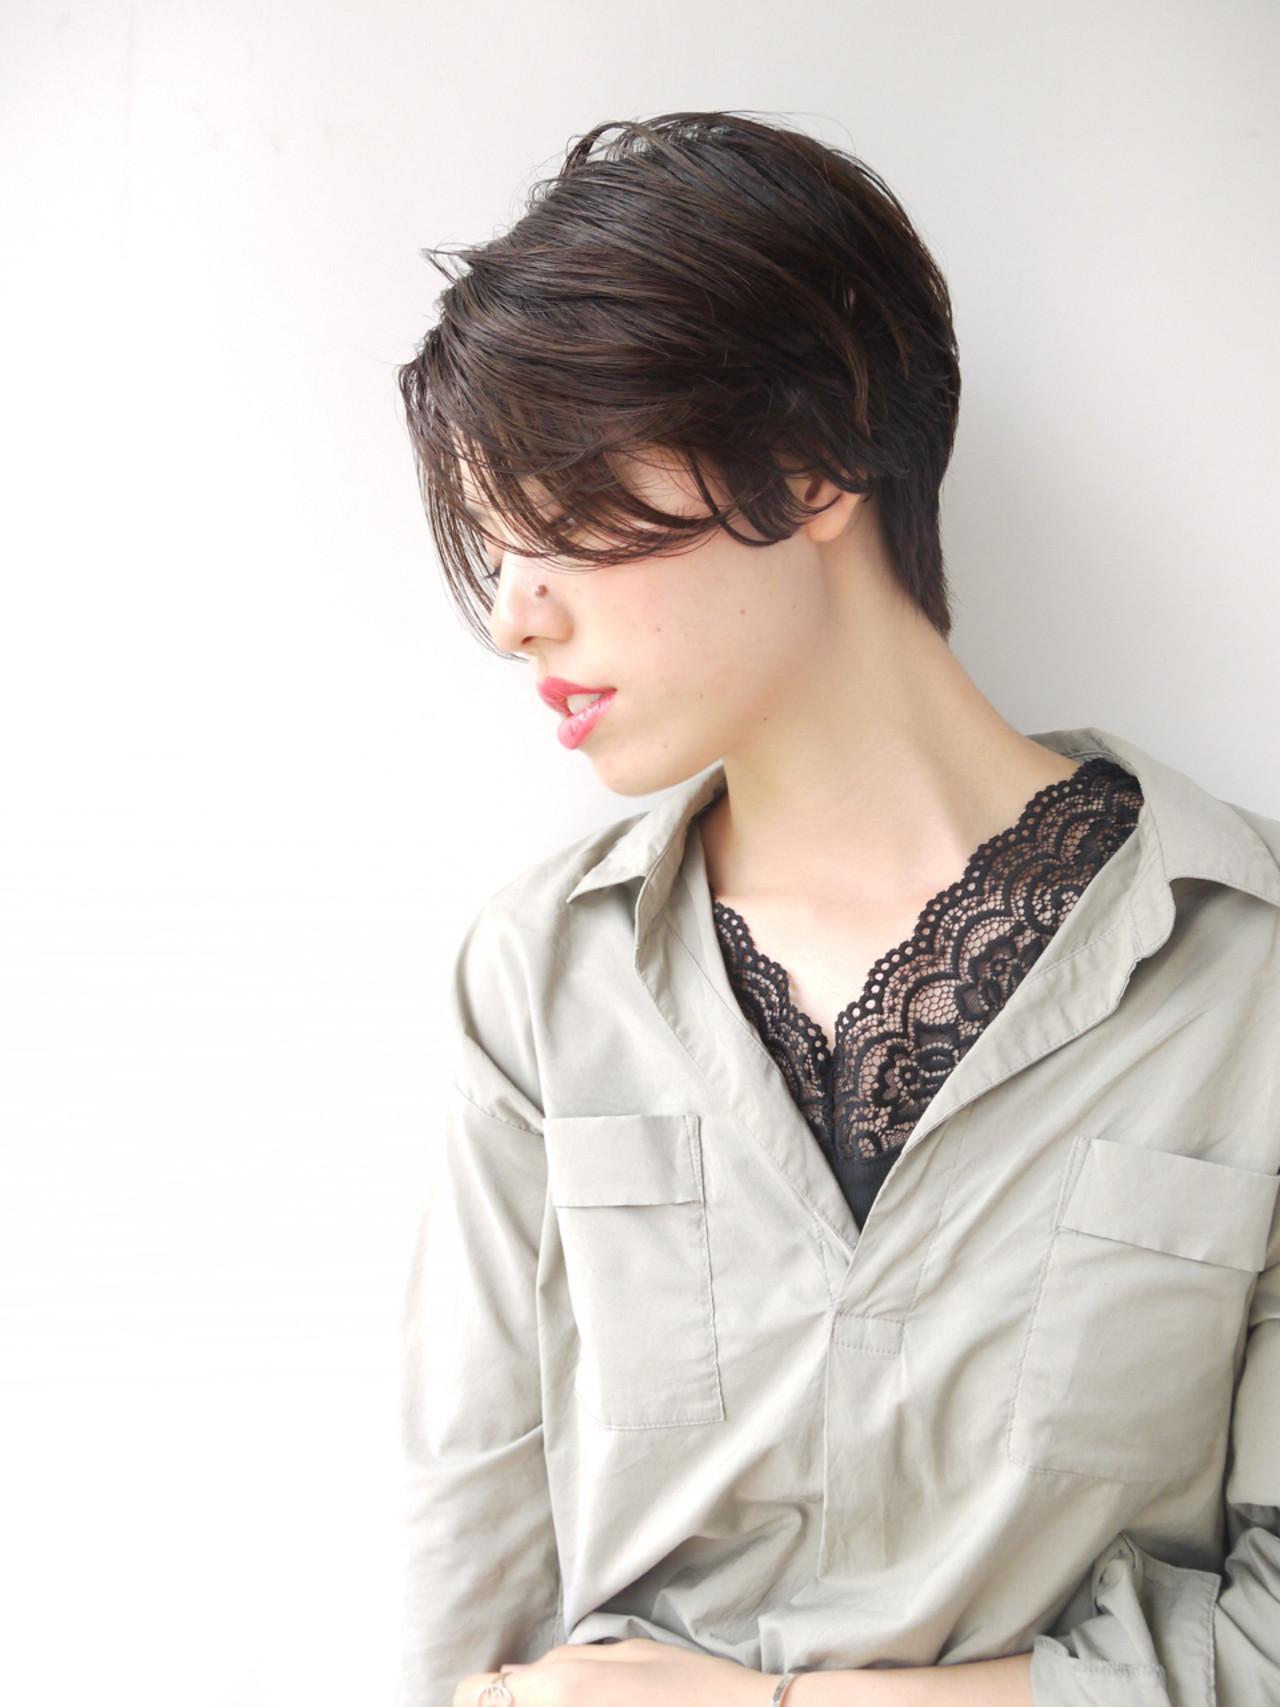 ナチュラル 黒髪 センターパート ボブ ヘアスタイルや髪型の写真・画像